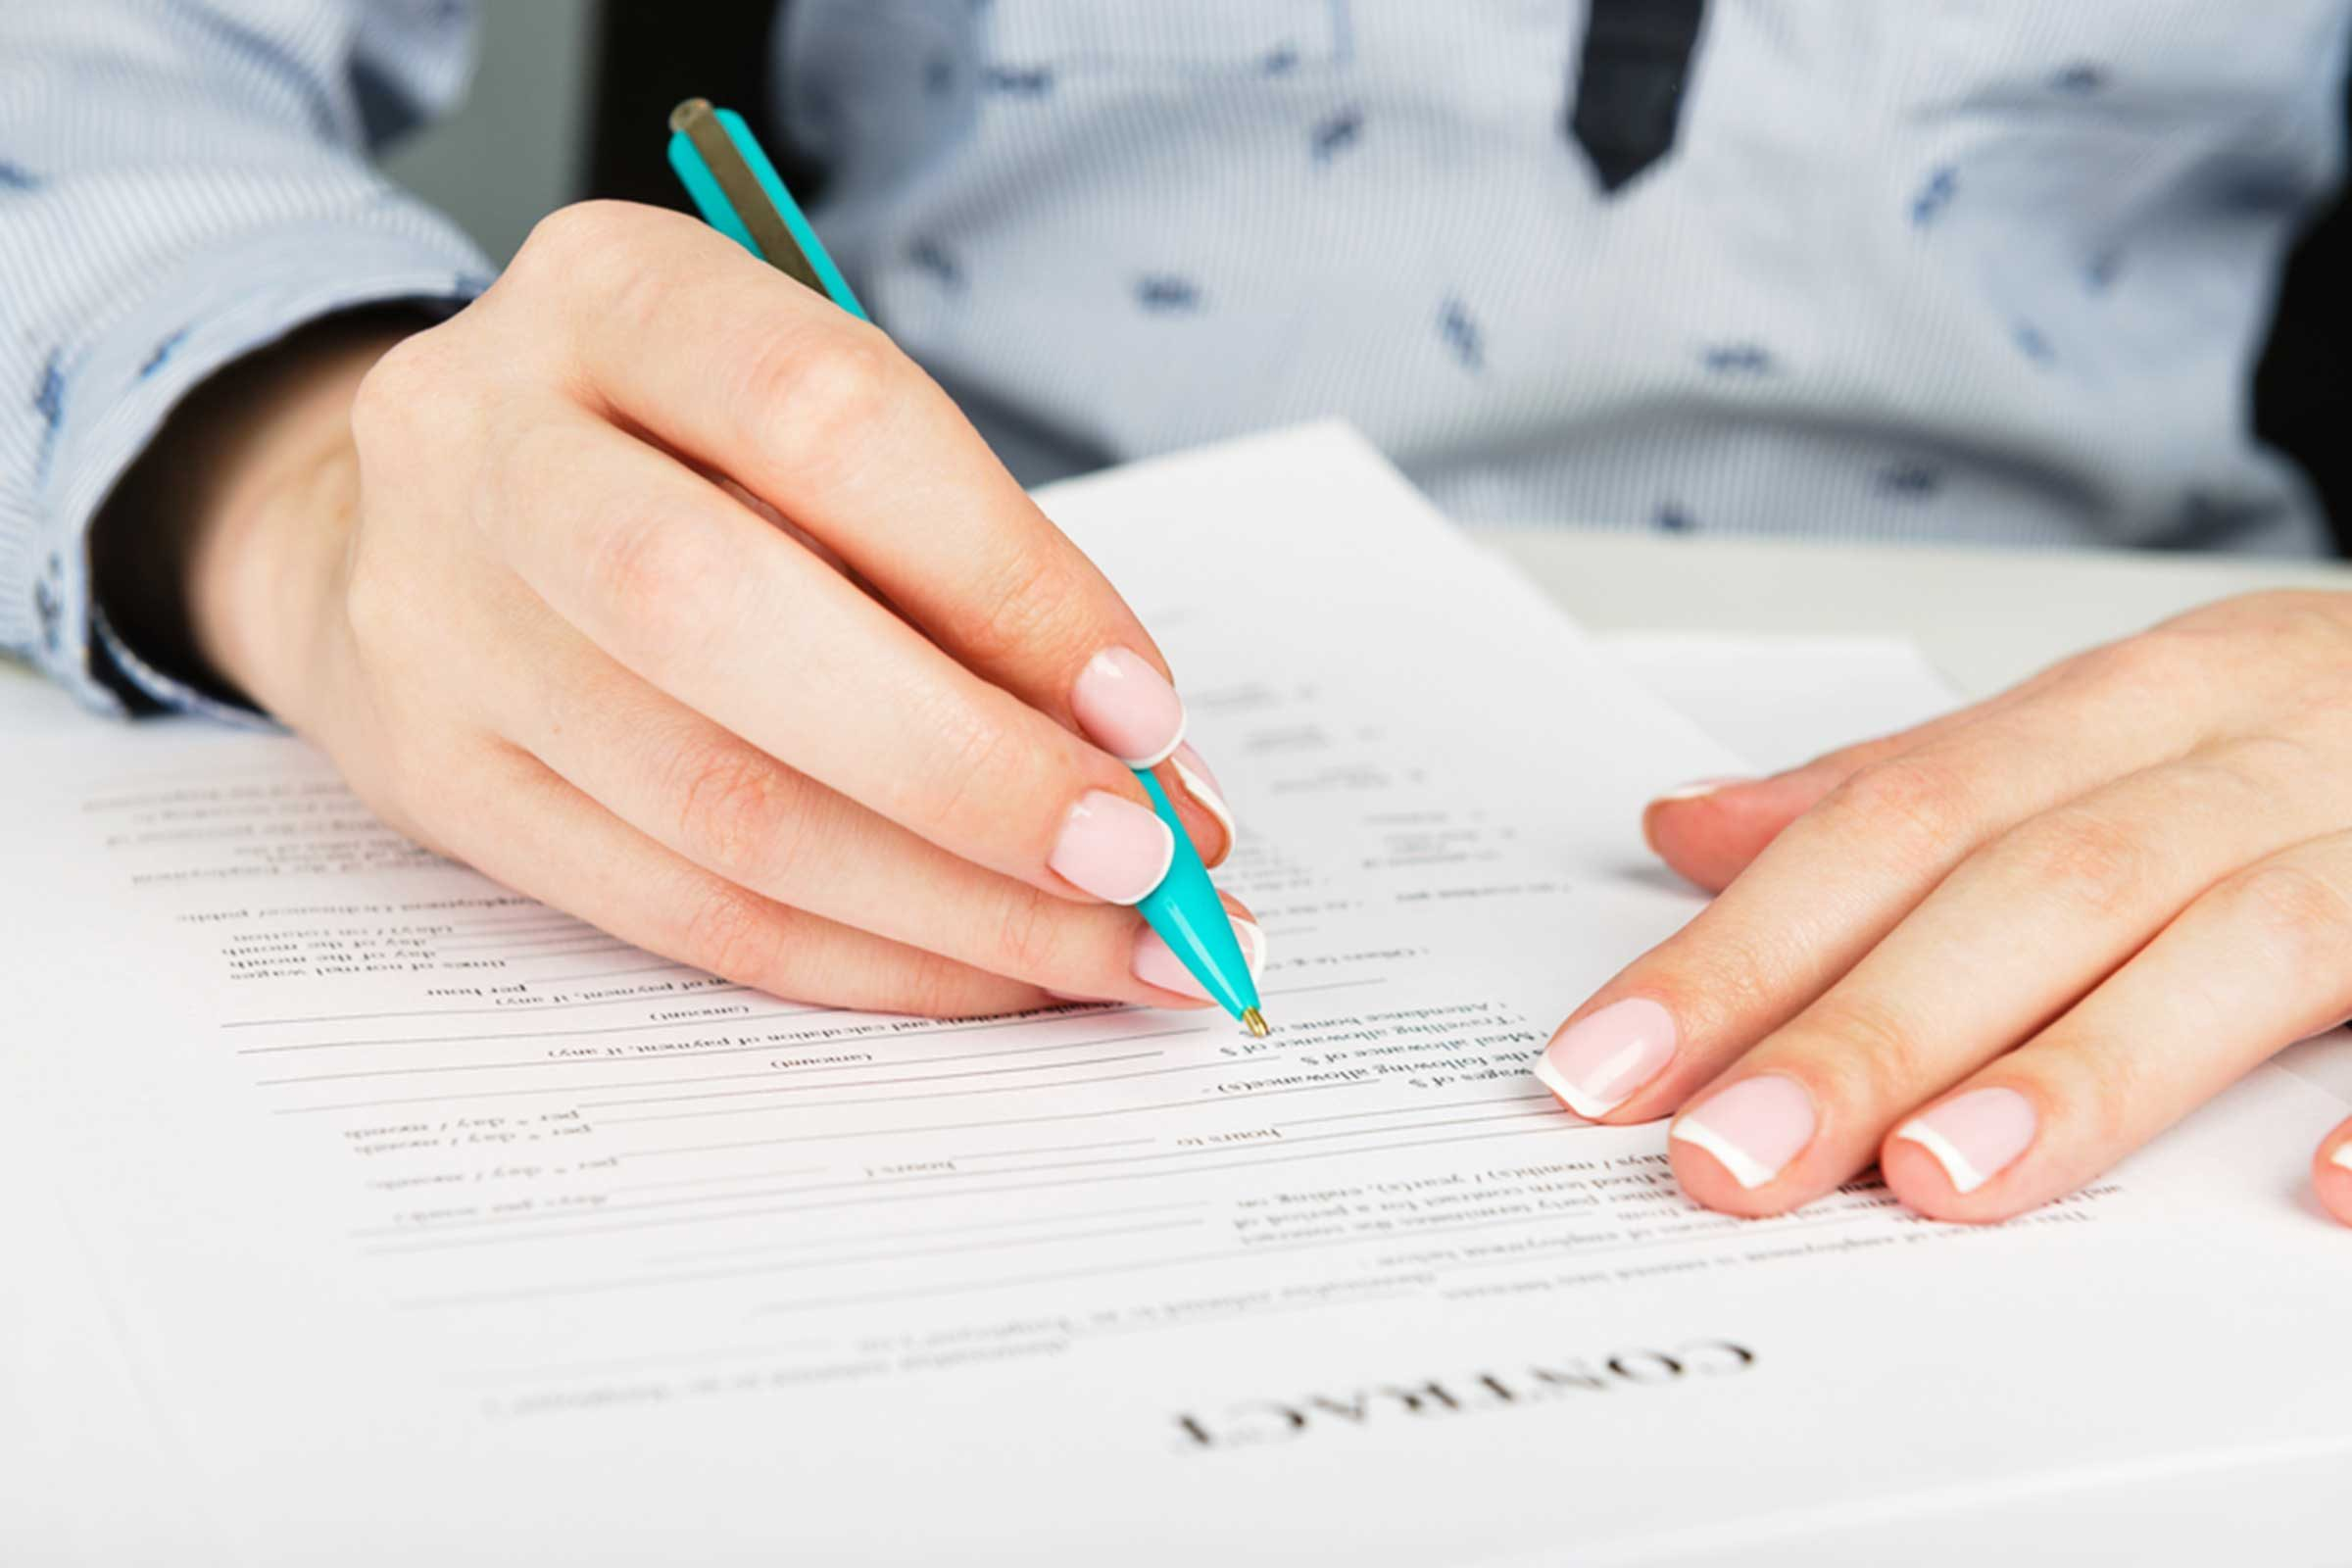 Courtier immobilier: Lisez toujours avant de signer un contrat